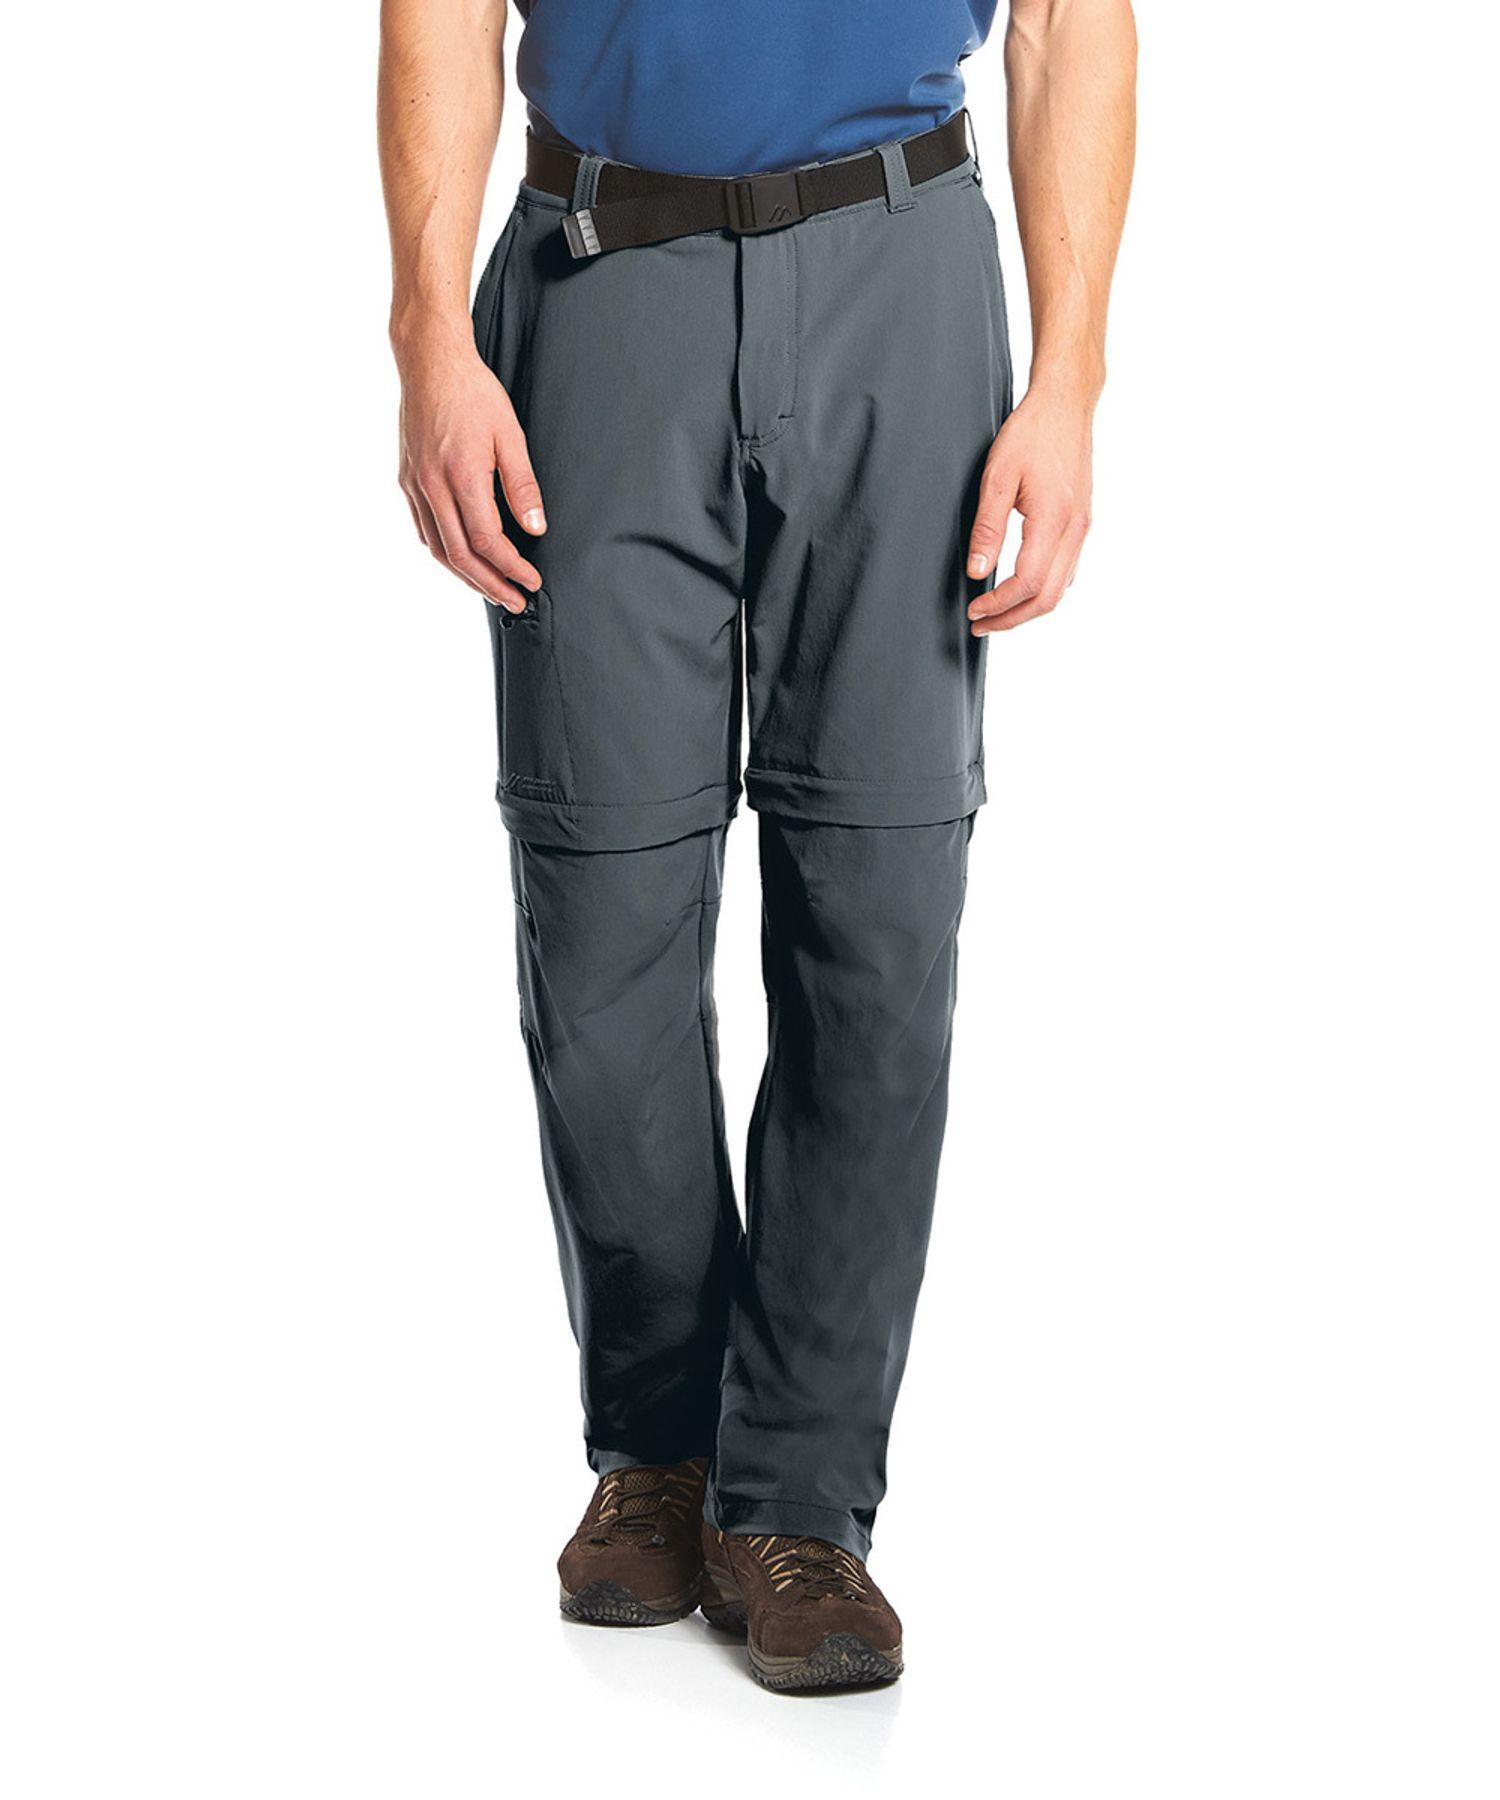 Maier Sports- Herren Outdoor-Trekking und Funktions Hose mit Zipp-off in Black, Teak oder Graphit Artikel Tajo (133003) – Bild 4